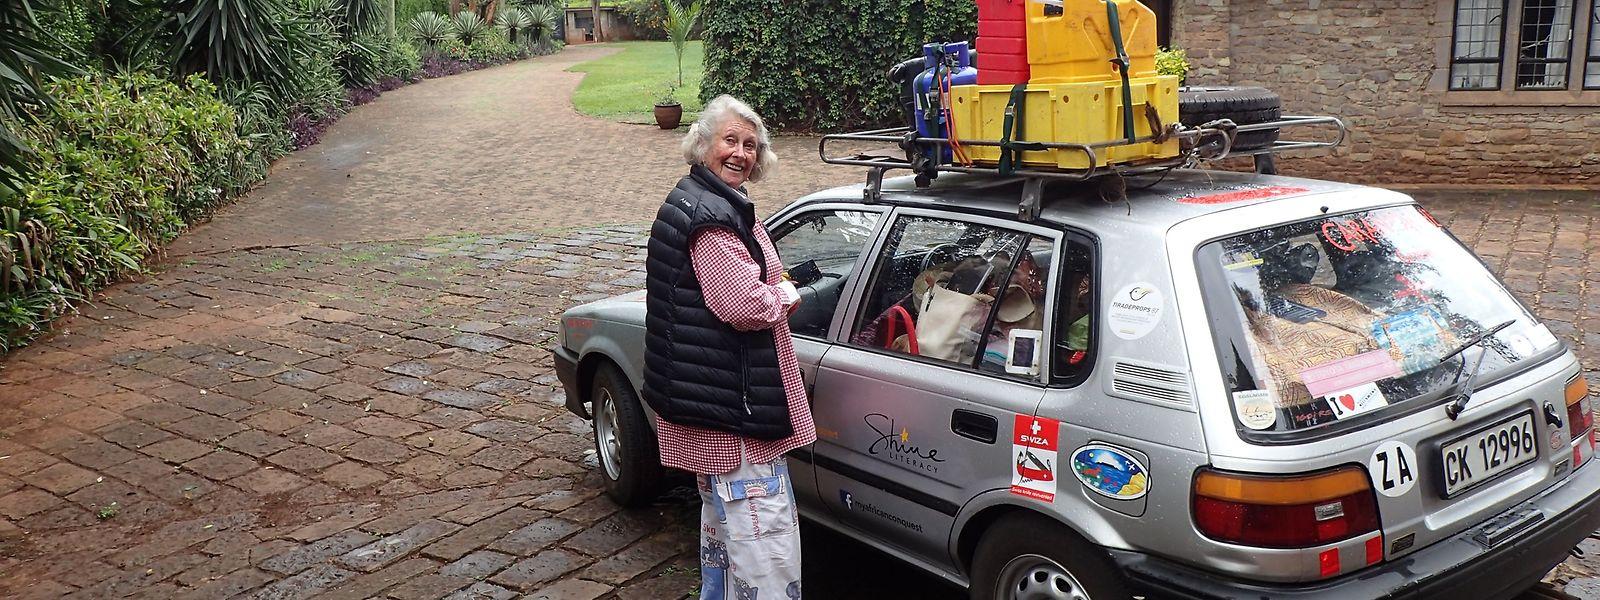 Wohlbehalten zurück: Julia Albu konnte sich auf ihren 20 Jahre alten Toyota Conquest verlassen.